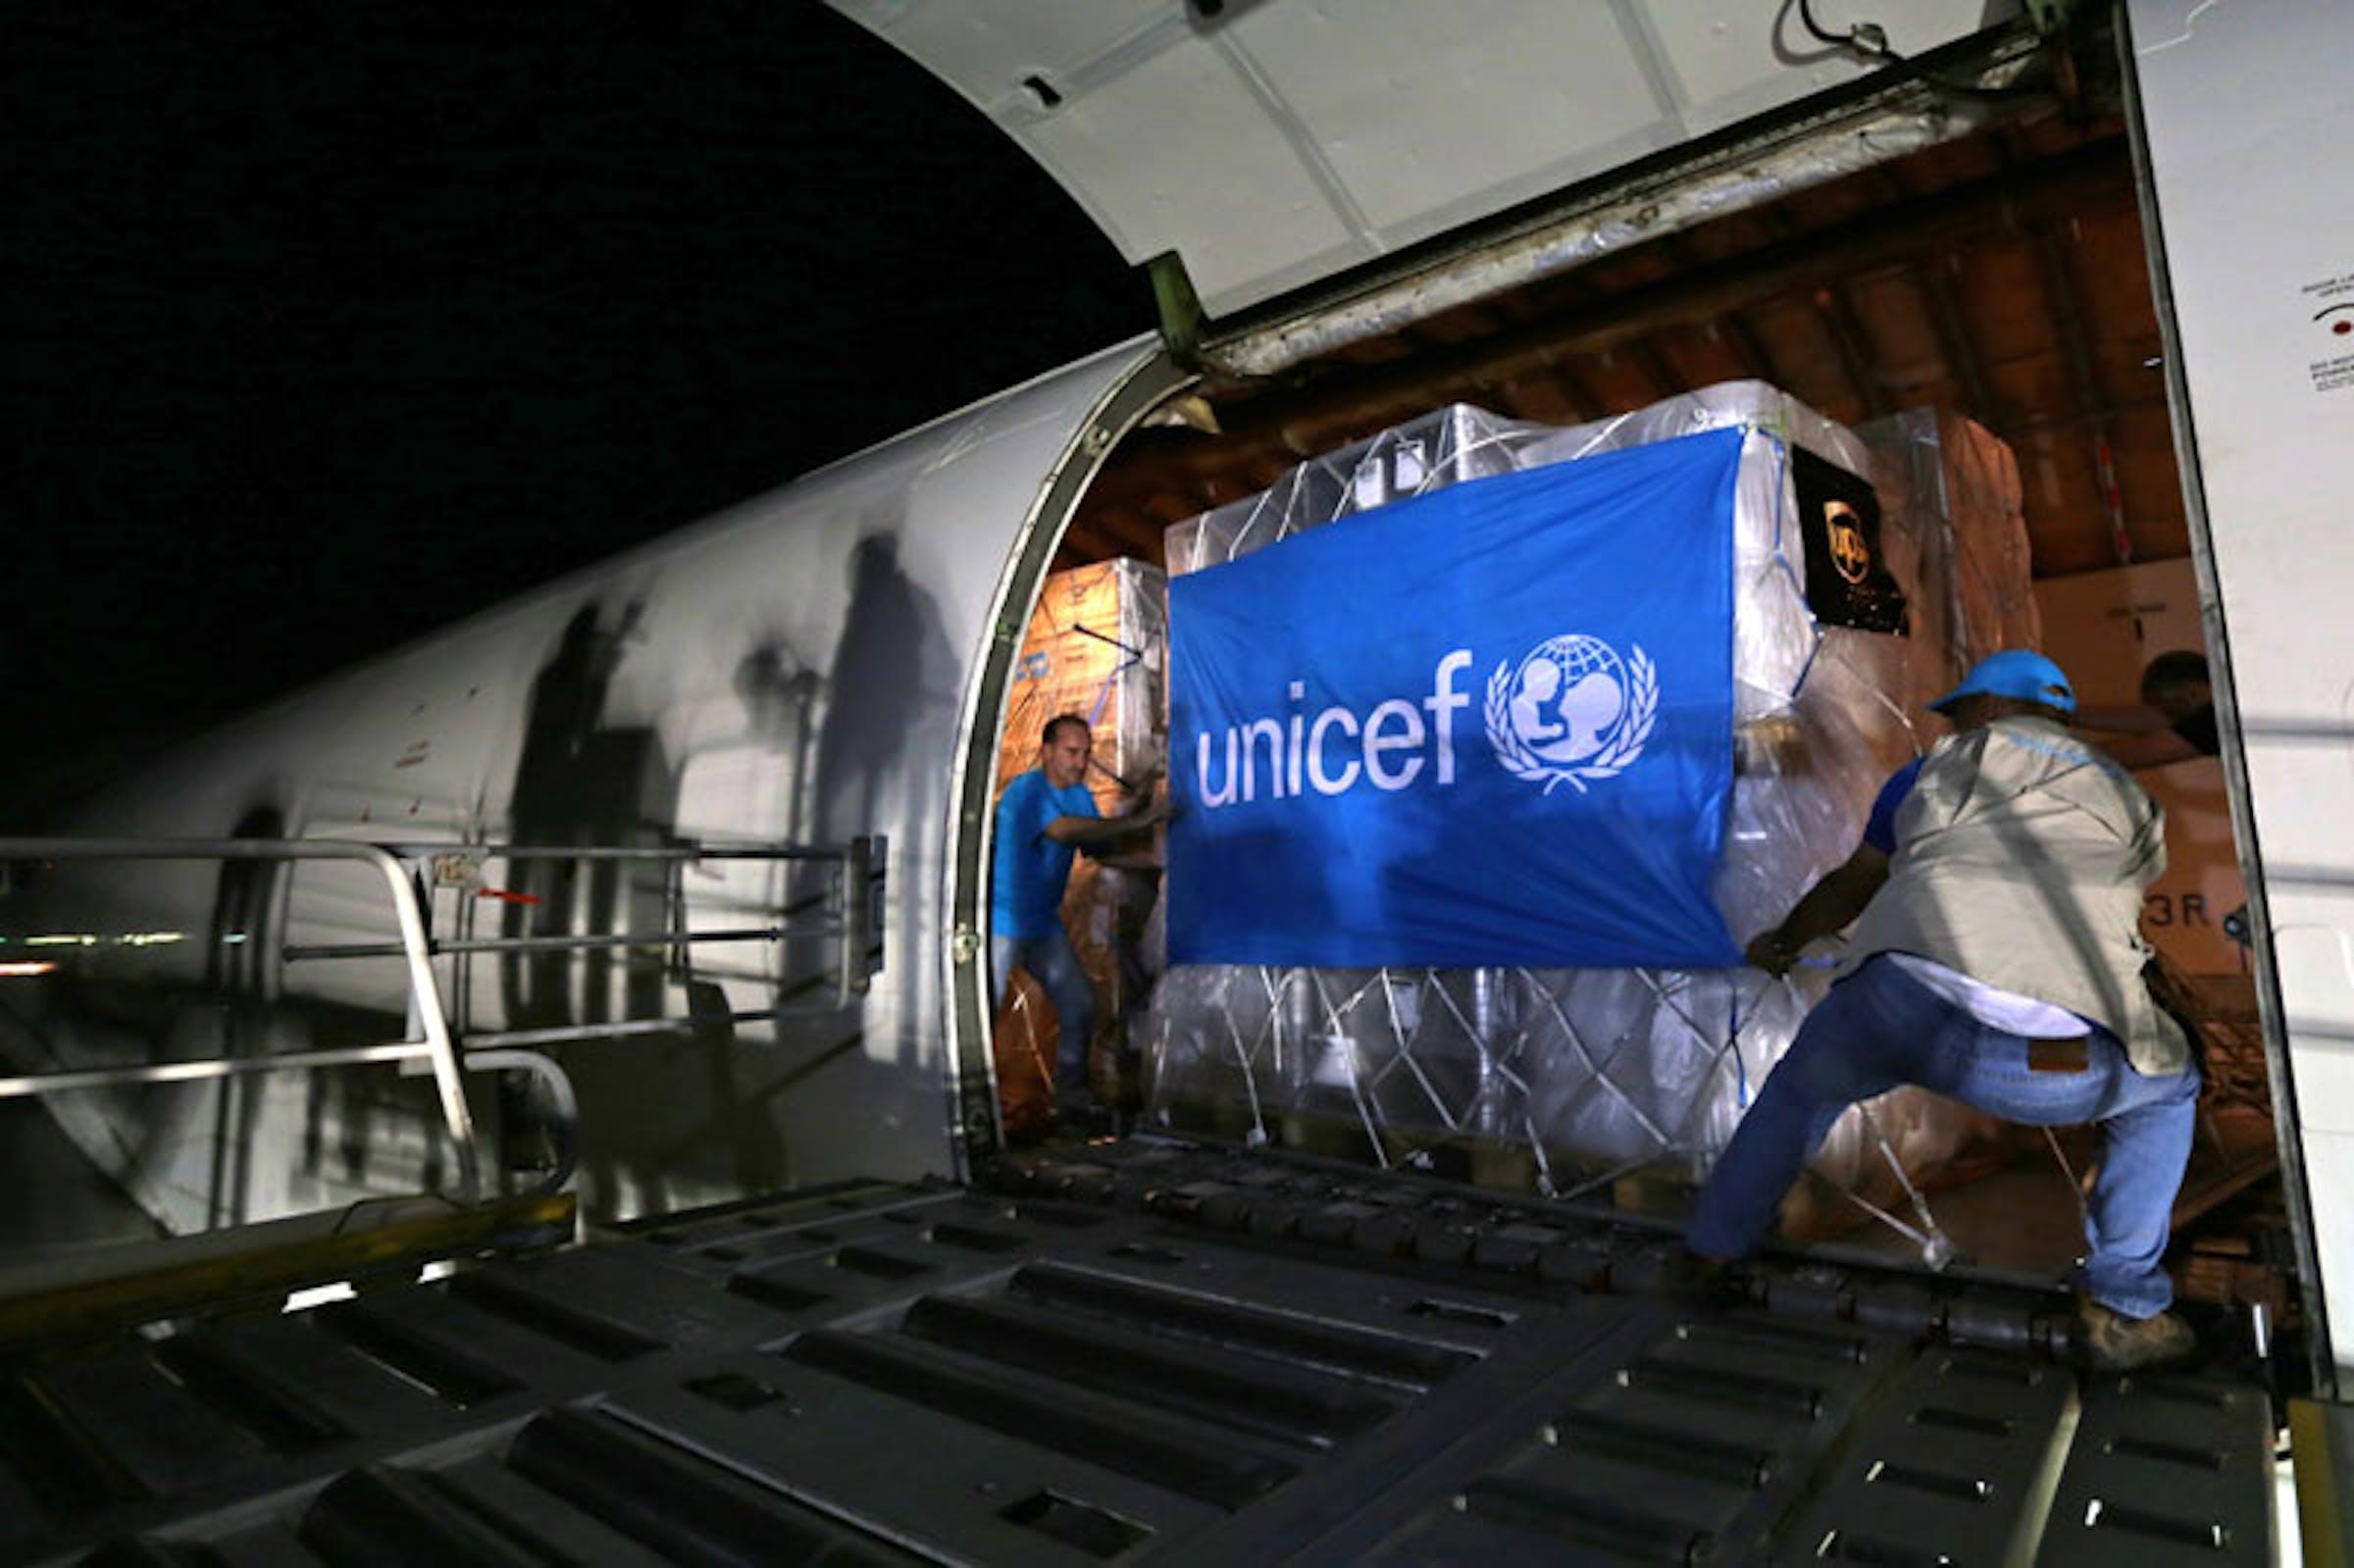 L'arrivo all'aeroporto di Erbil (Iraq) di un cargo con aiuti UNICEF per i bambini siriani nei campi profughi iracheni - ©UNICEF Iraq/2013/Aziz